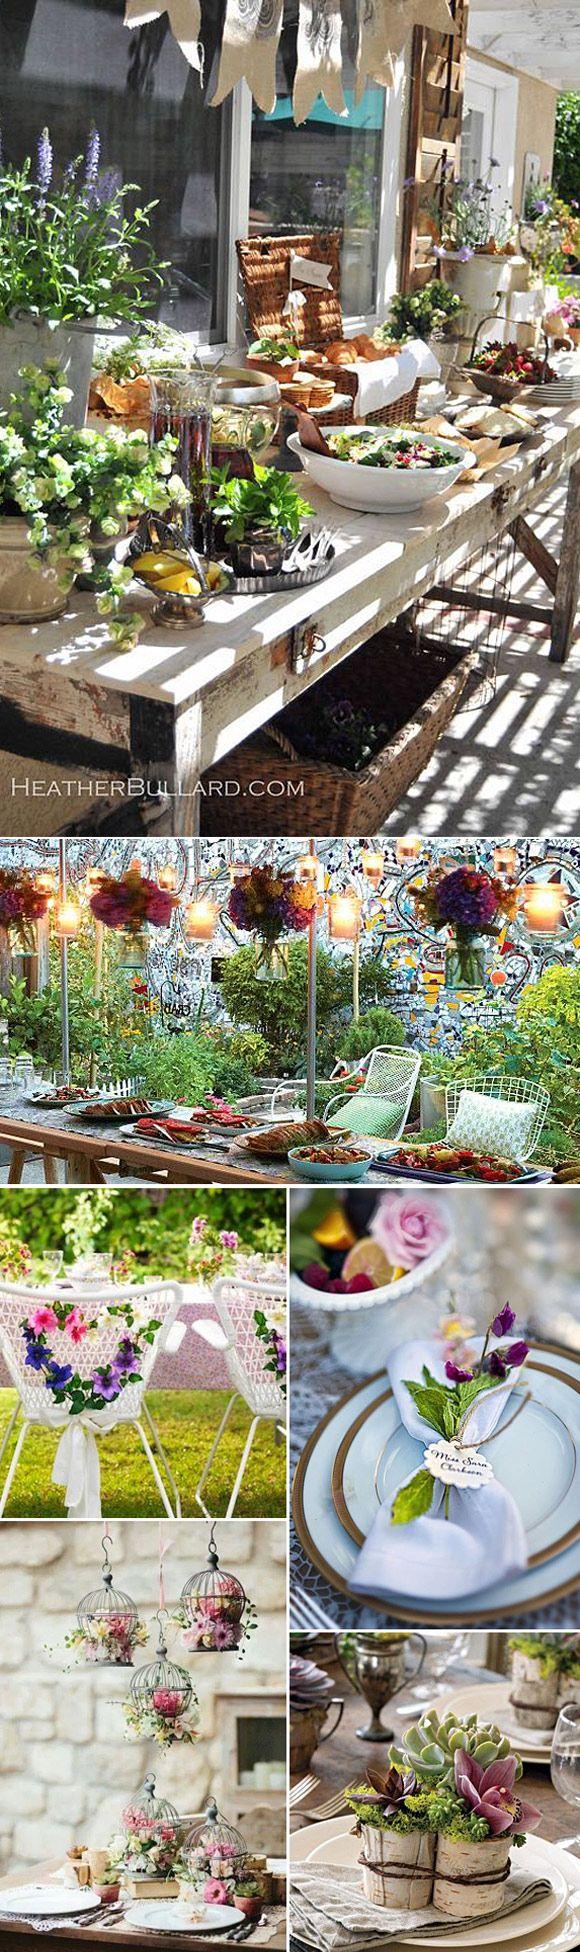 Fiestas en el jardin ideas originales y sencillas l - Ideas originales jardin ...